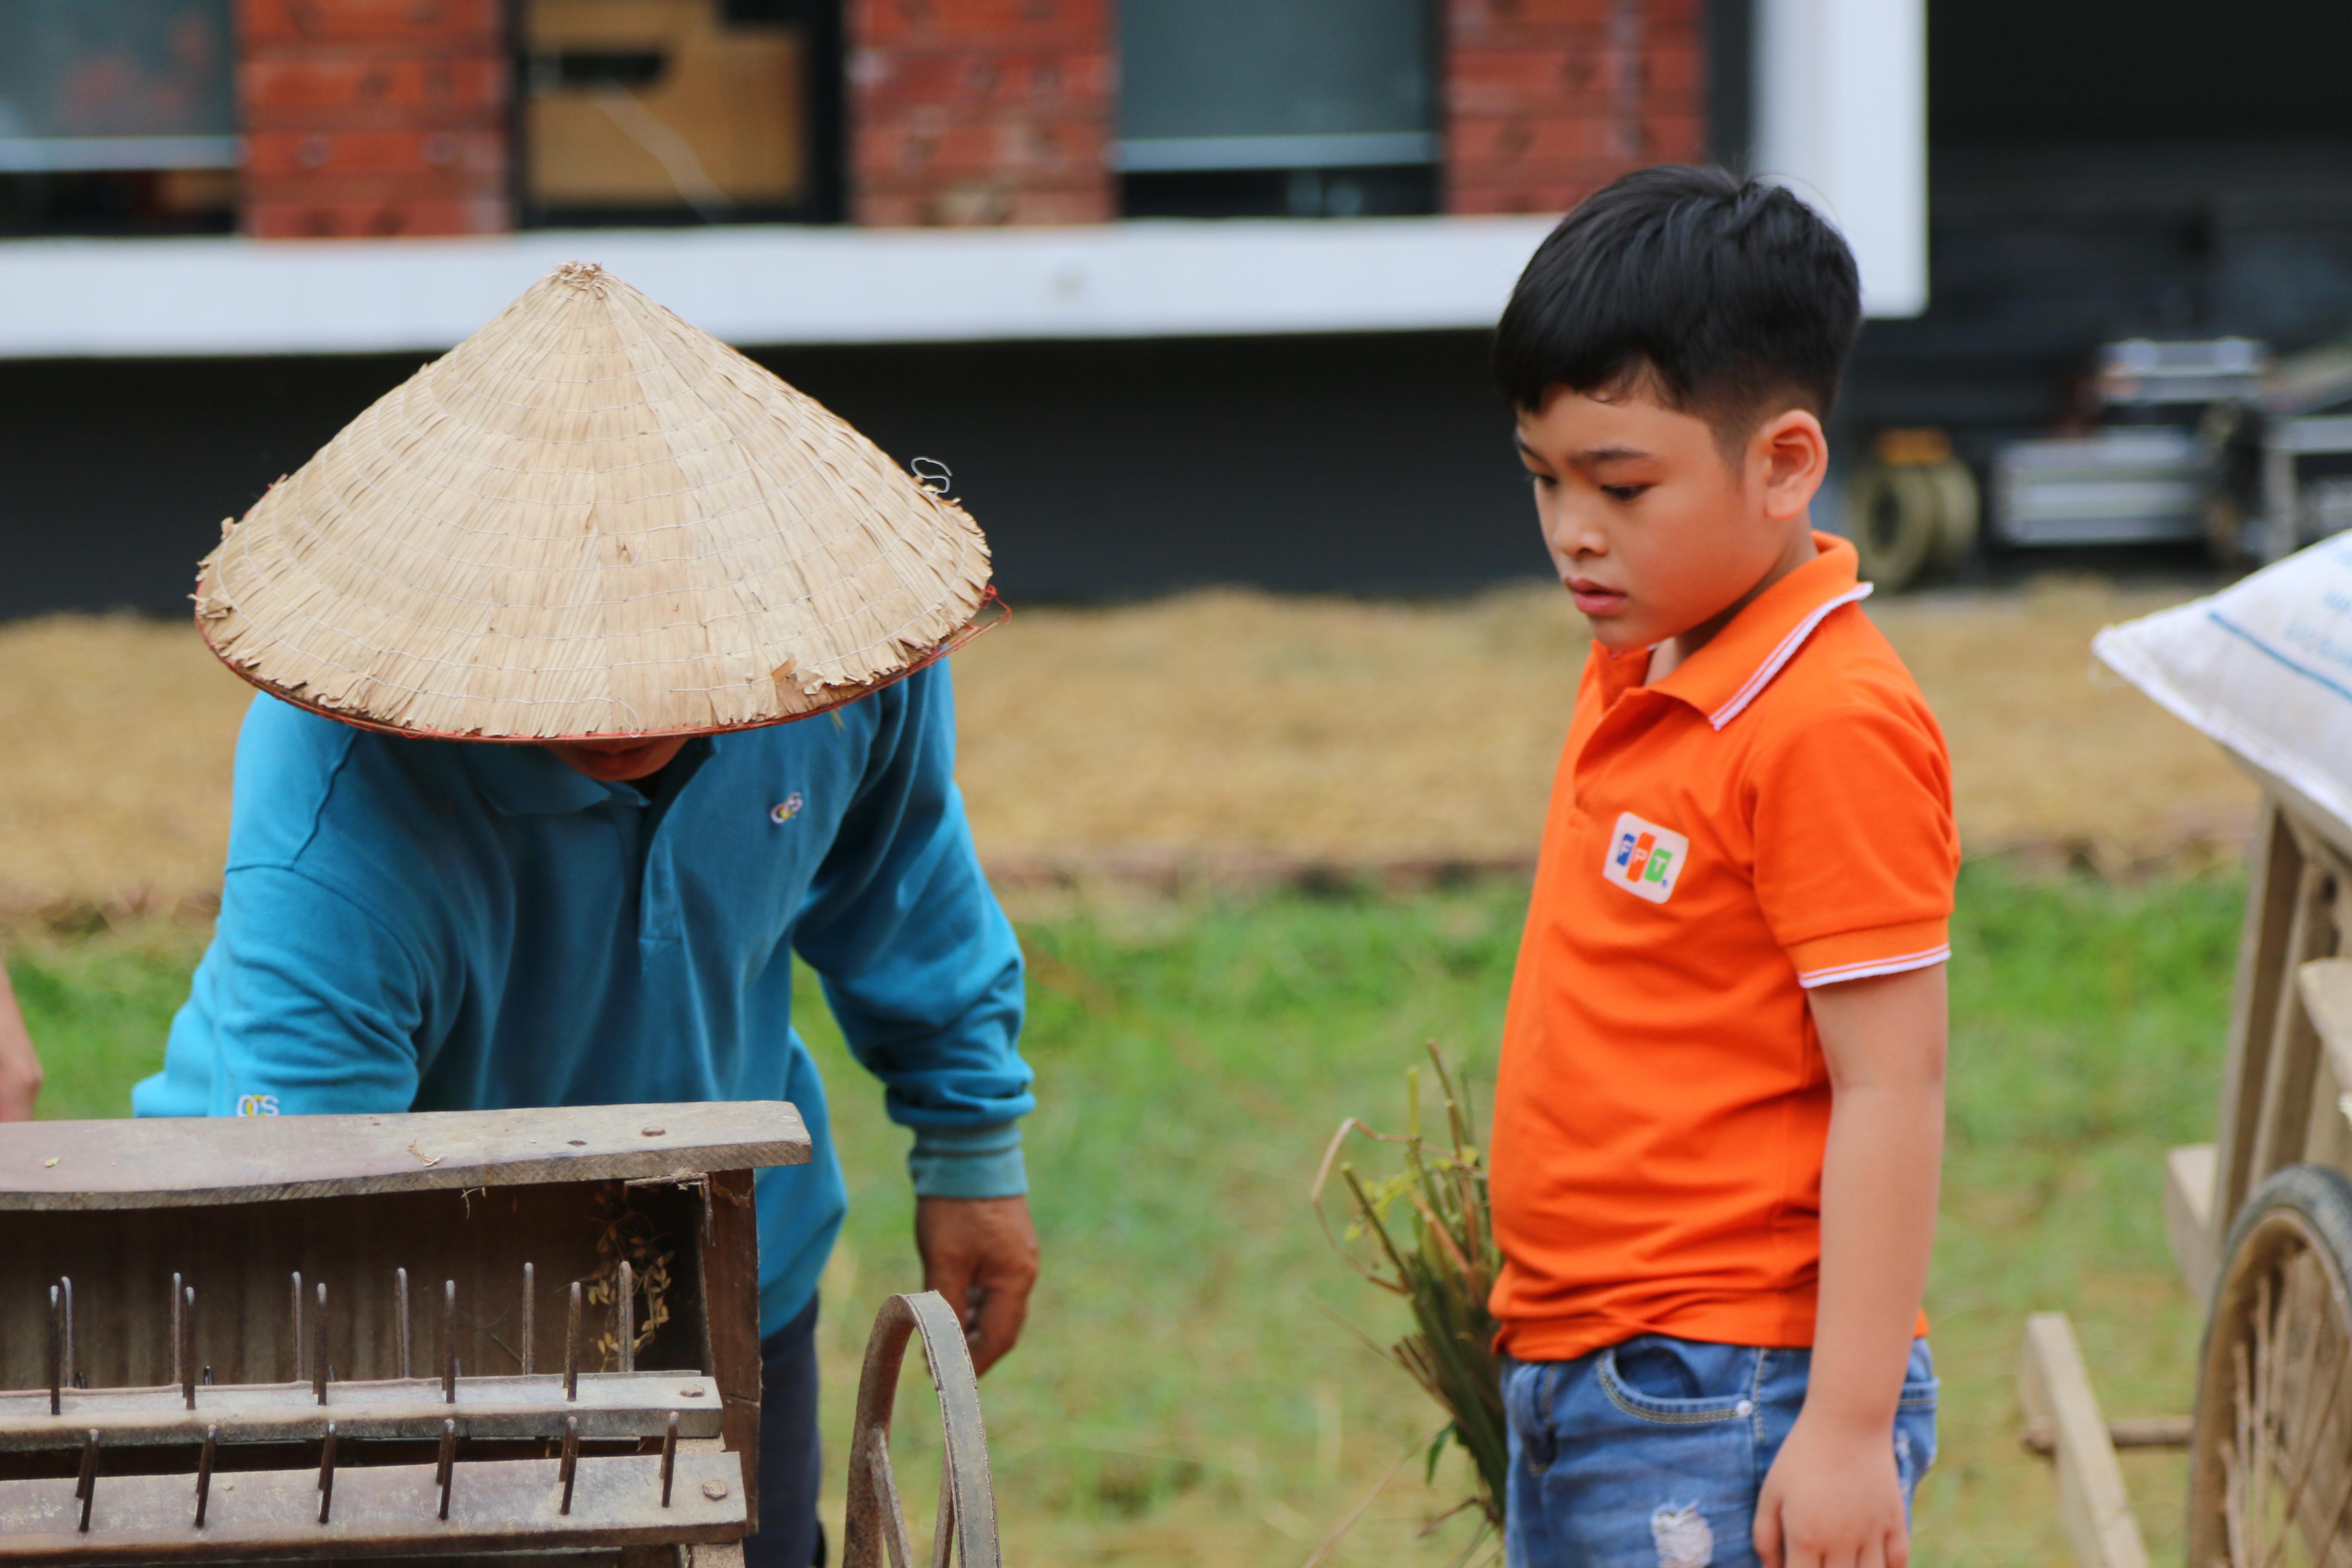 FPT Small cũng theo mẹ xuống ruộng để phụ giúp mang lúa lên tuốt thóc. Bé Nguyễn Việt Anh (con bố Nguyễn Ngọc Sơn - FHO.FST) rất hào hứng vì lần đầu được xuống ruộng, được giúp bố mẹ gặt lúa. Đây là trải nghiệm rất đáng nhớ trong kỳ học hè tại F-Ville.